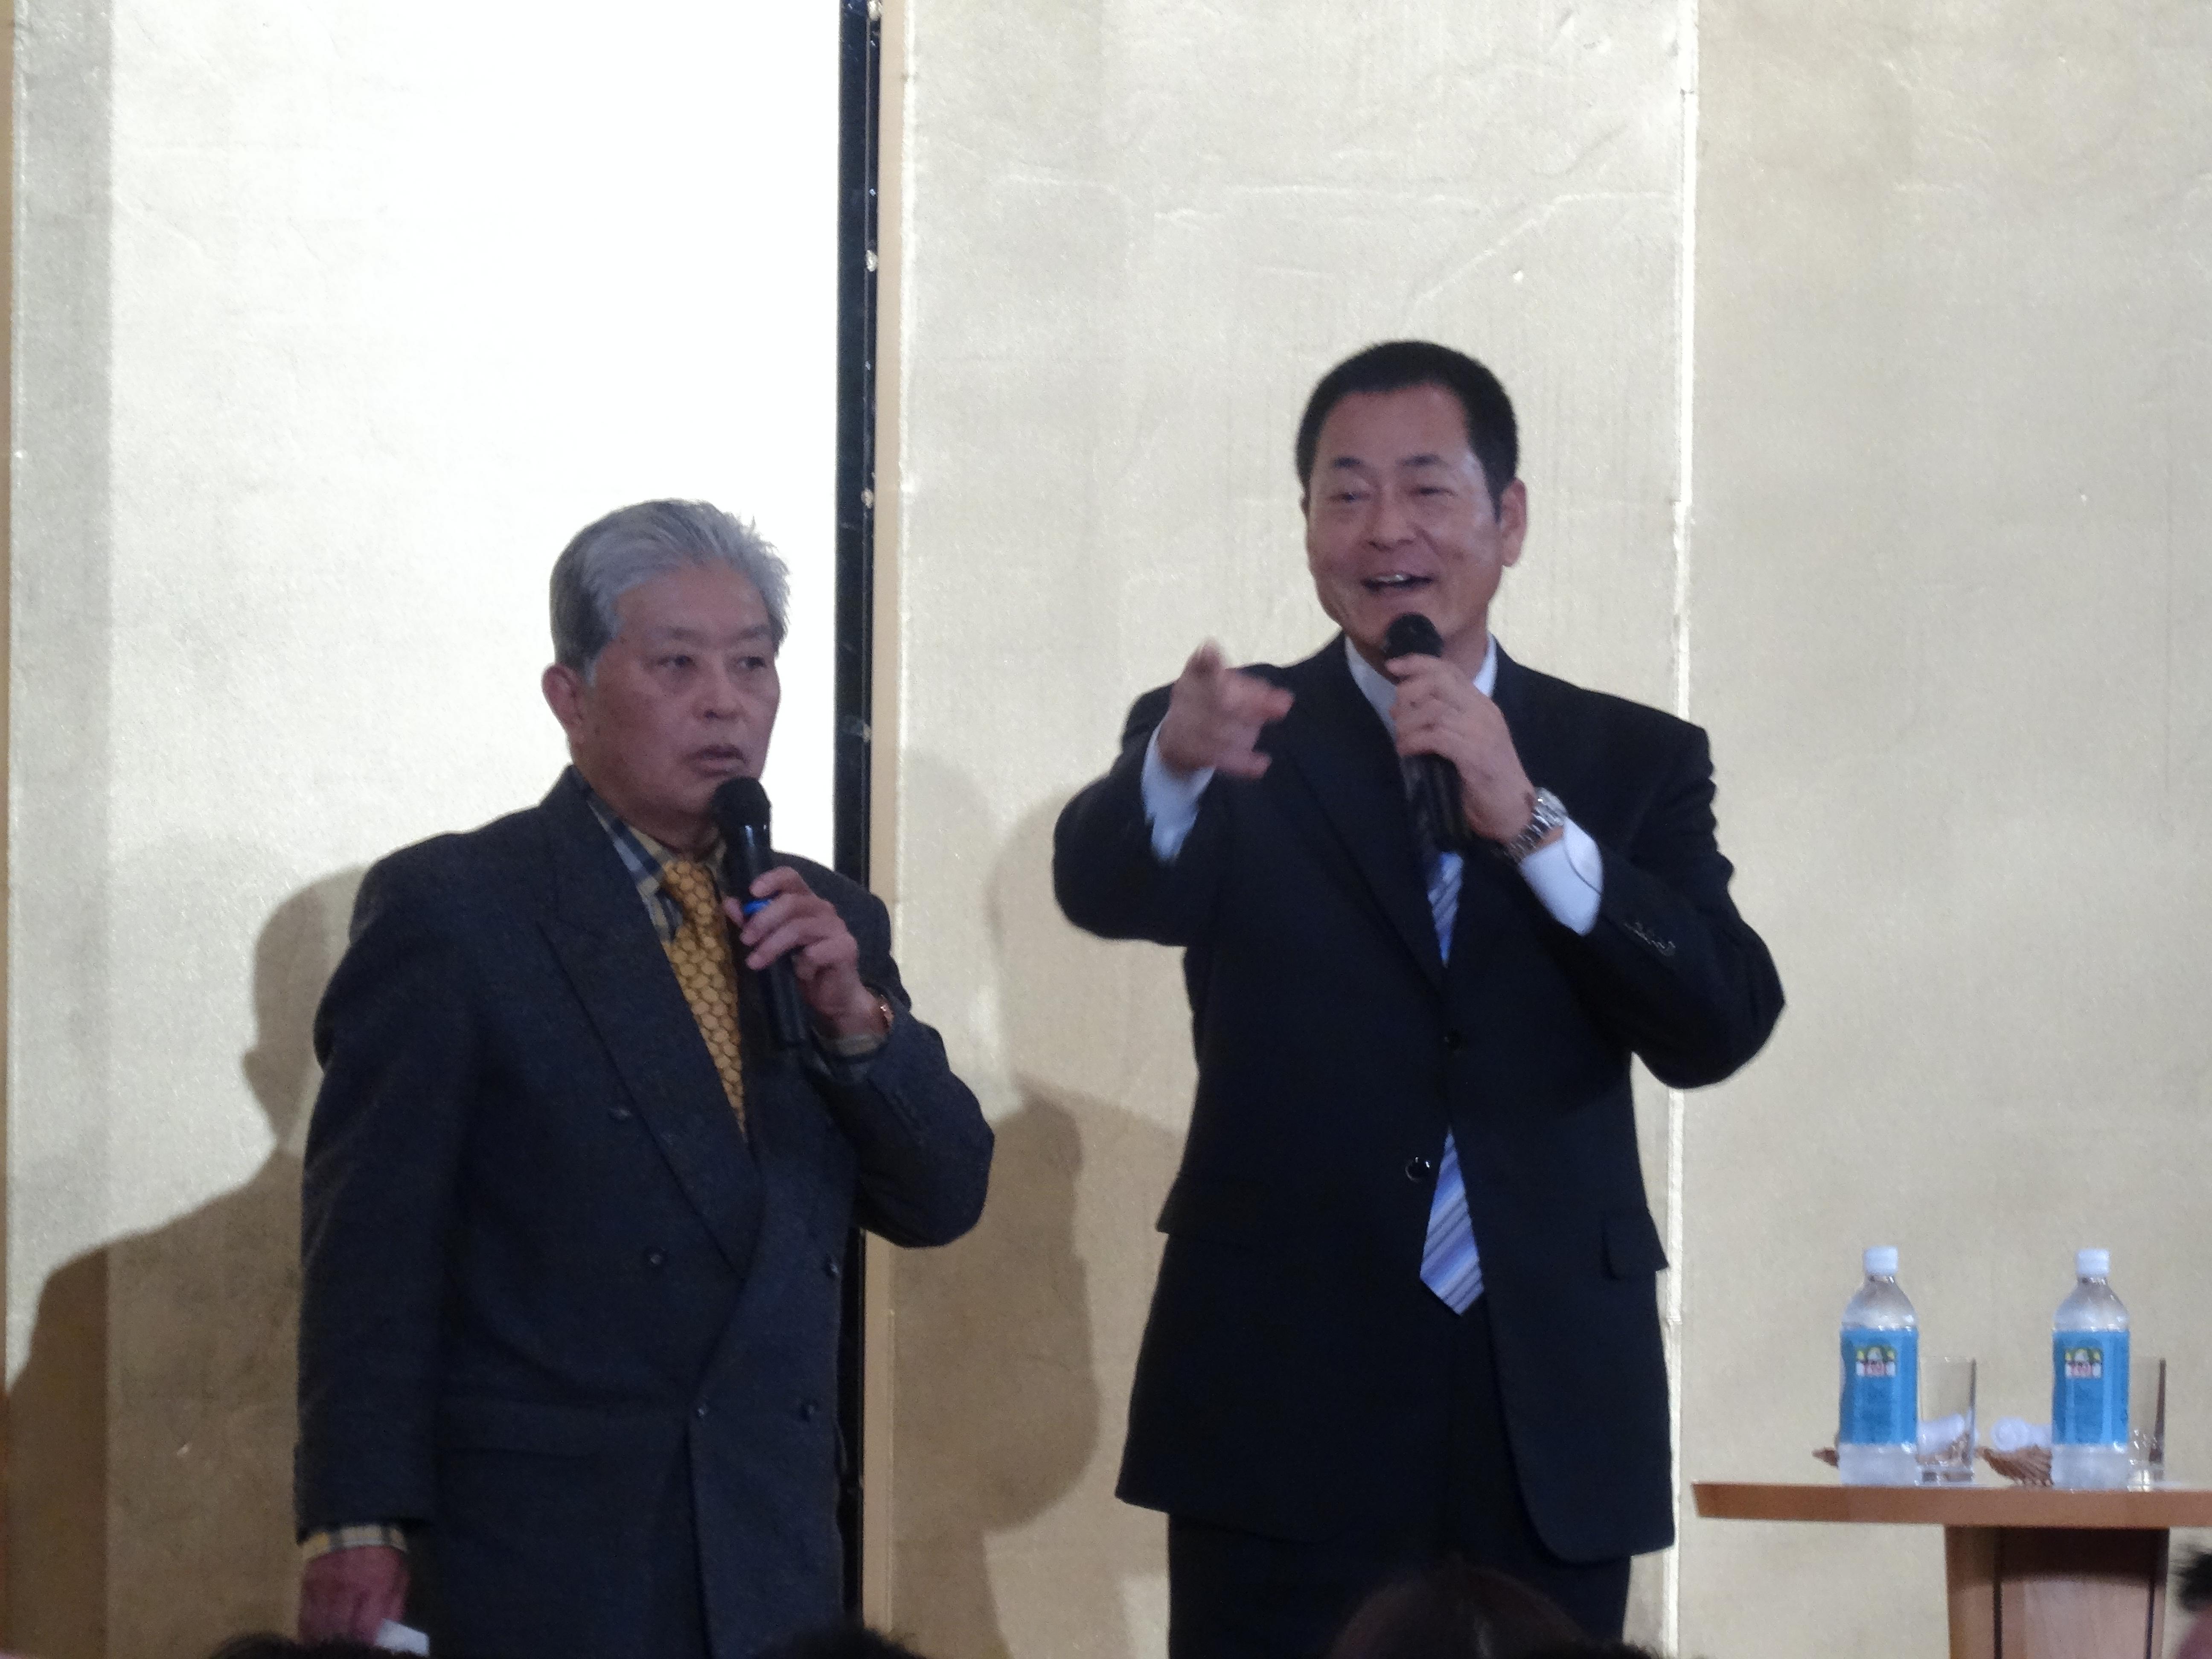 2016年11月 中畑清先生のトークショーを聴いてきました